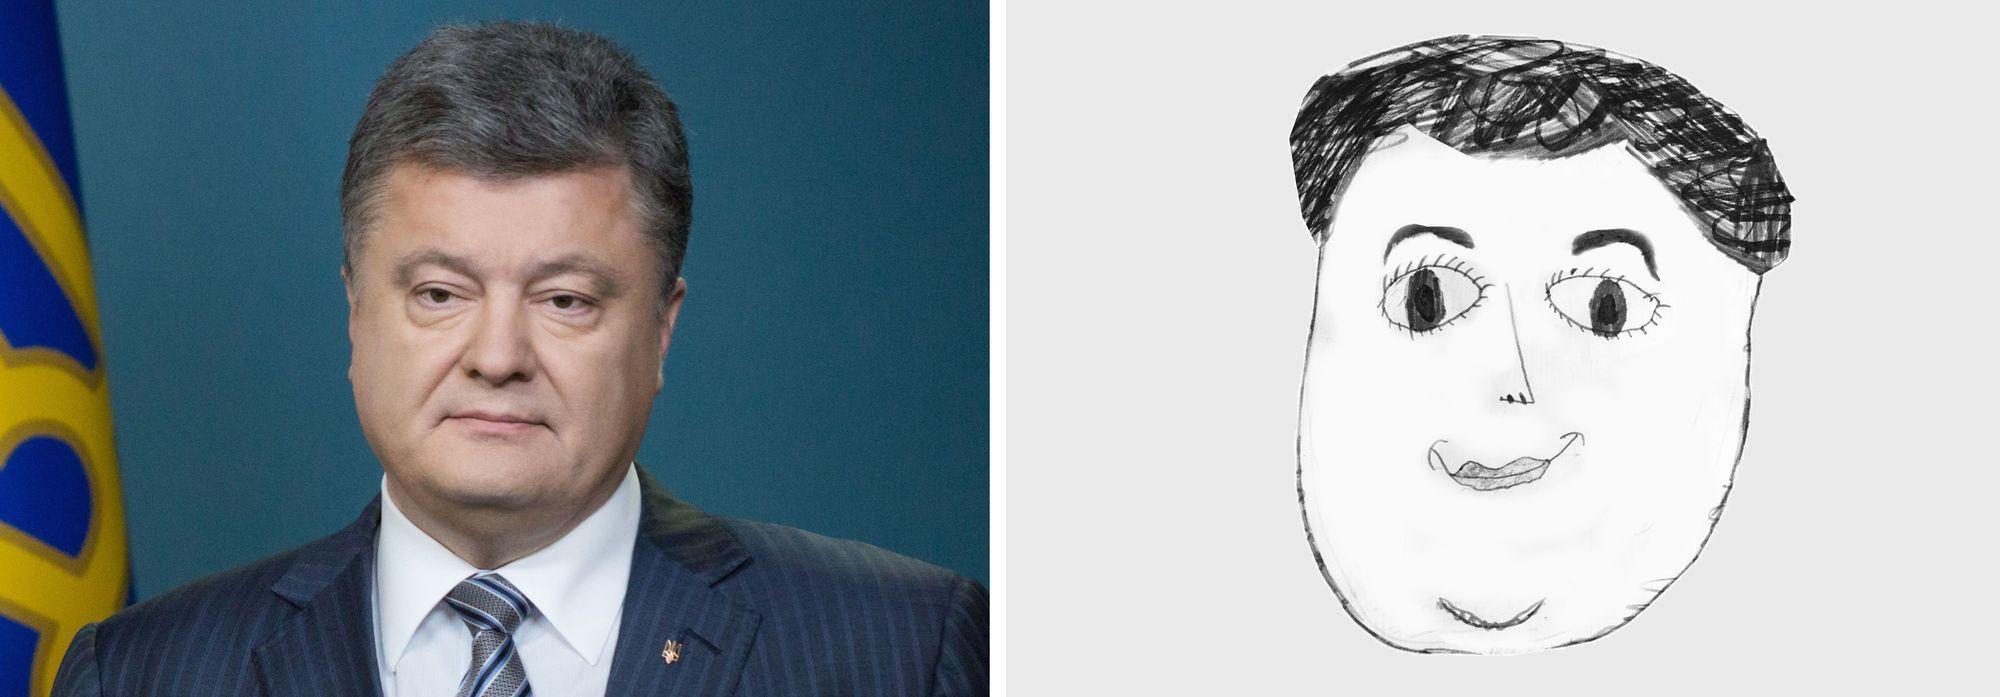 портрети політиків_5